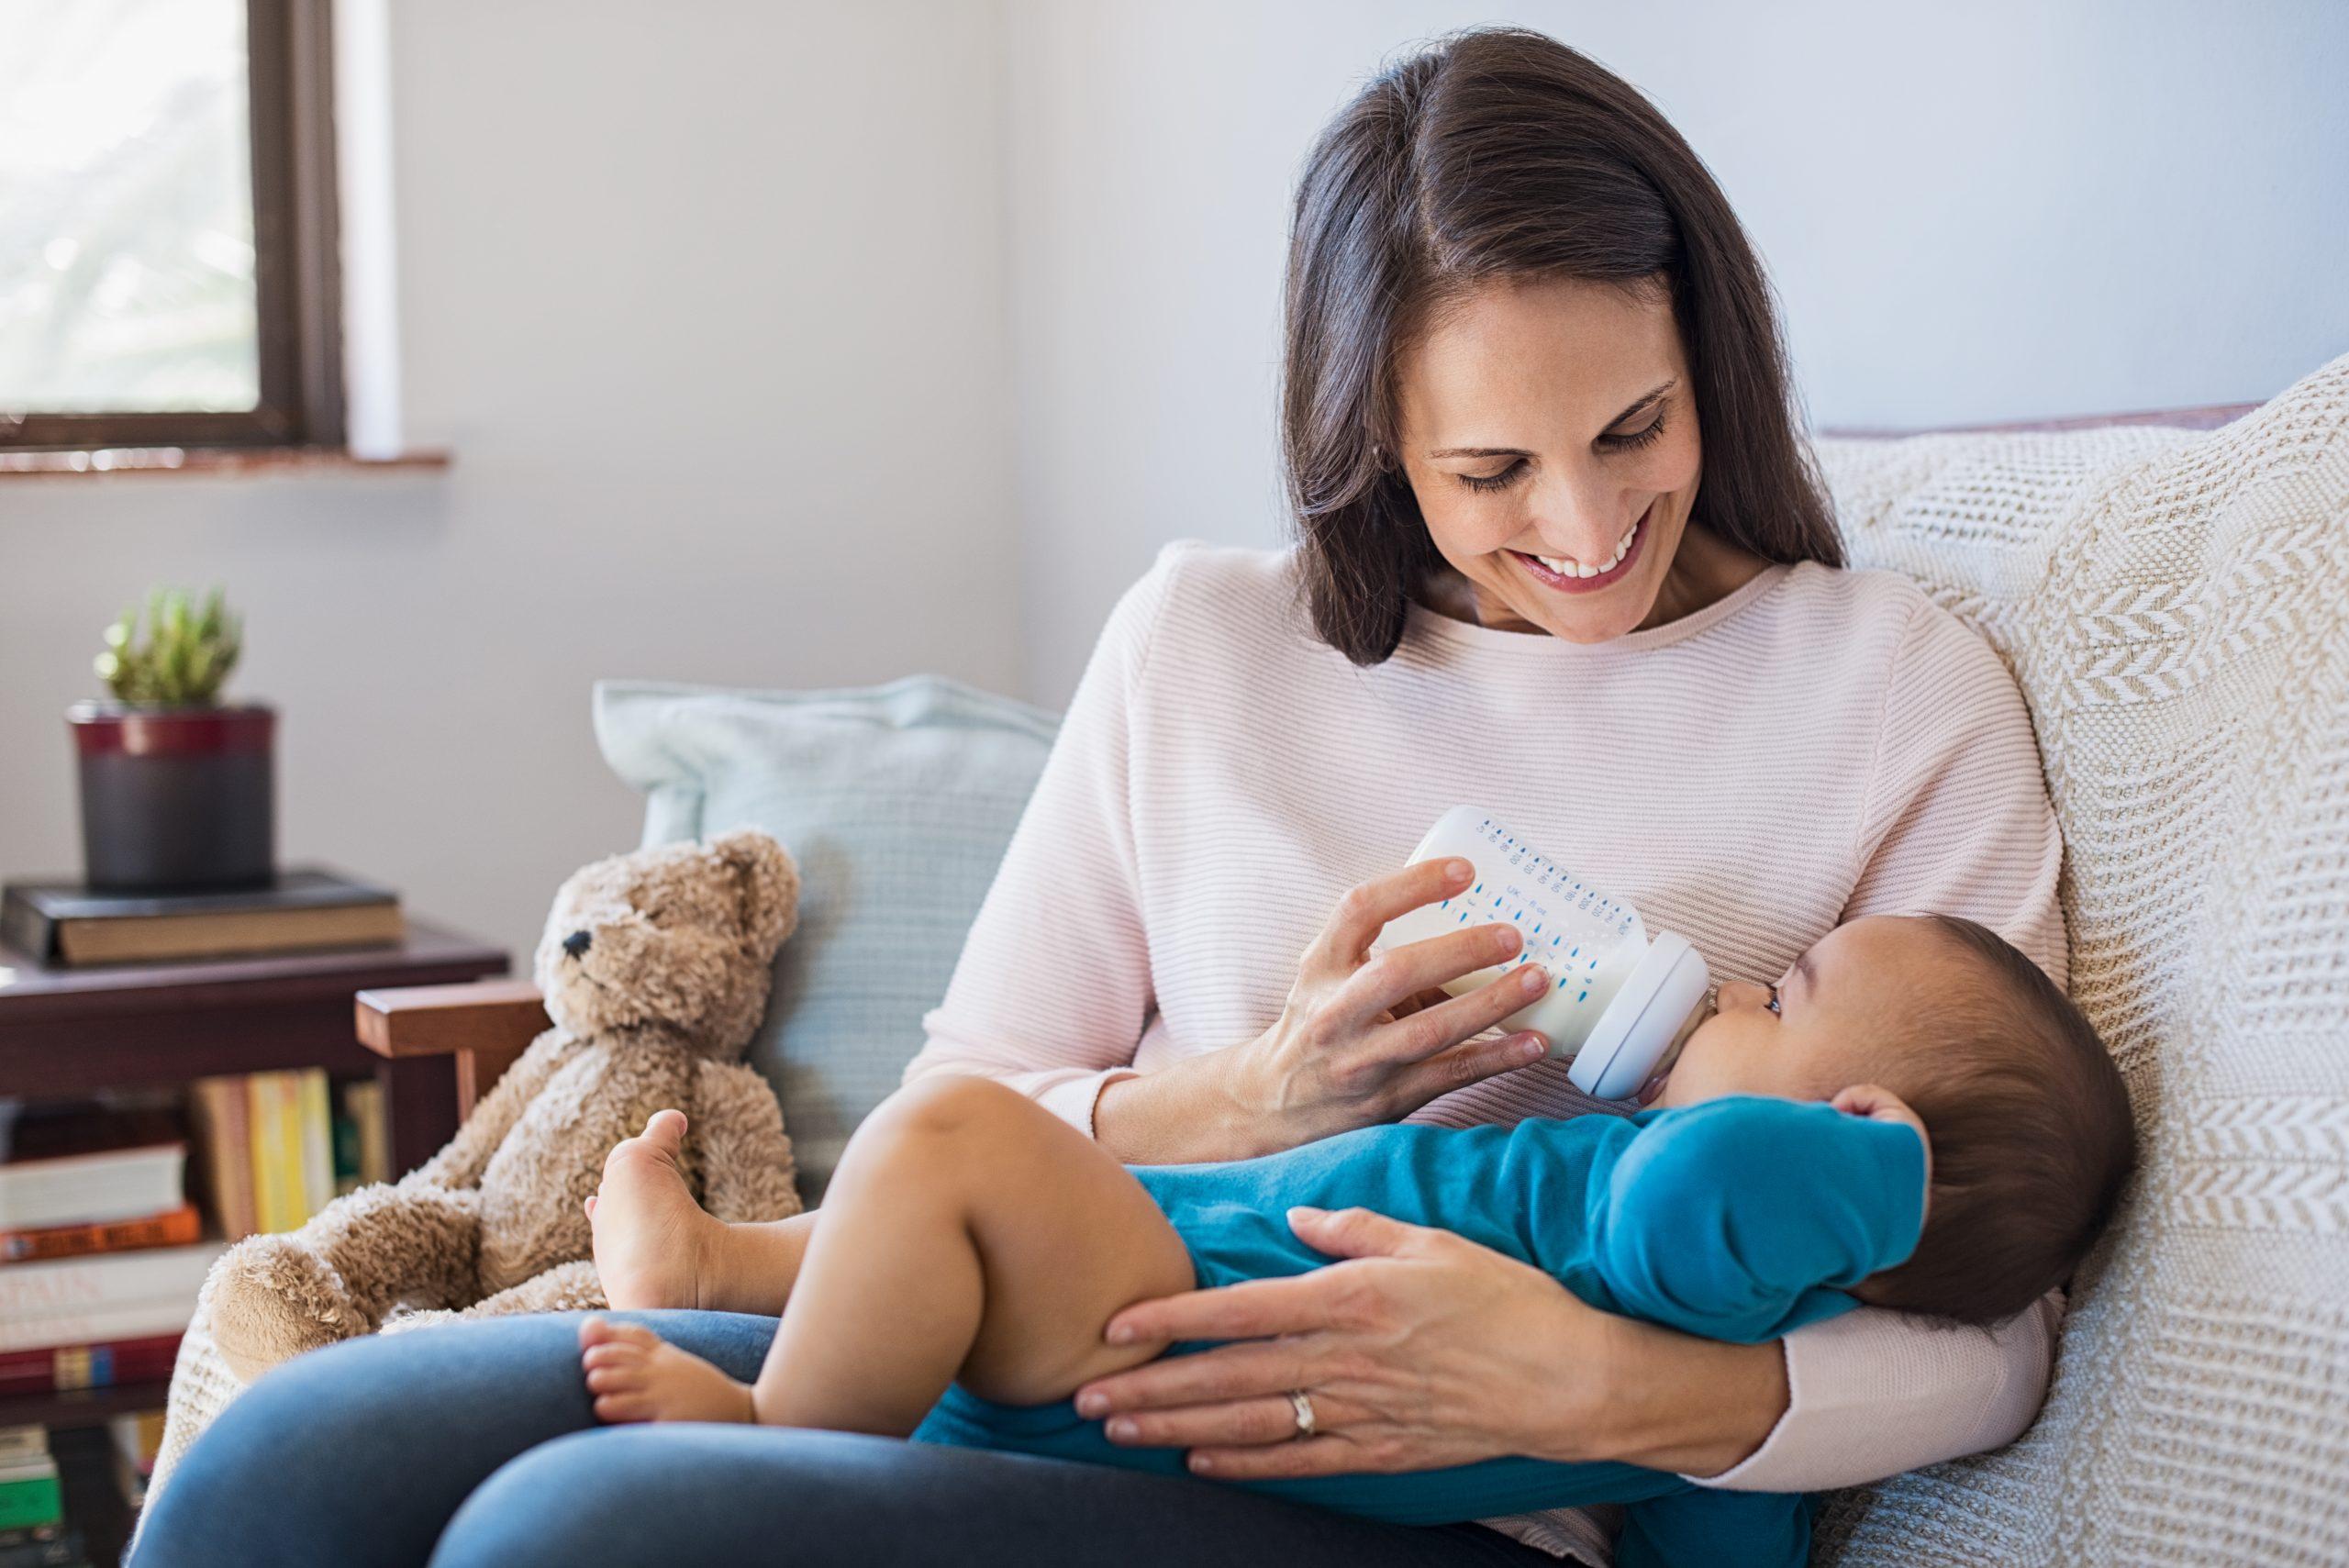 11 лучших бутылочек для новорожденного в 2021 году